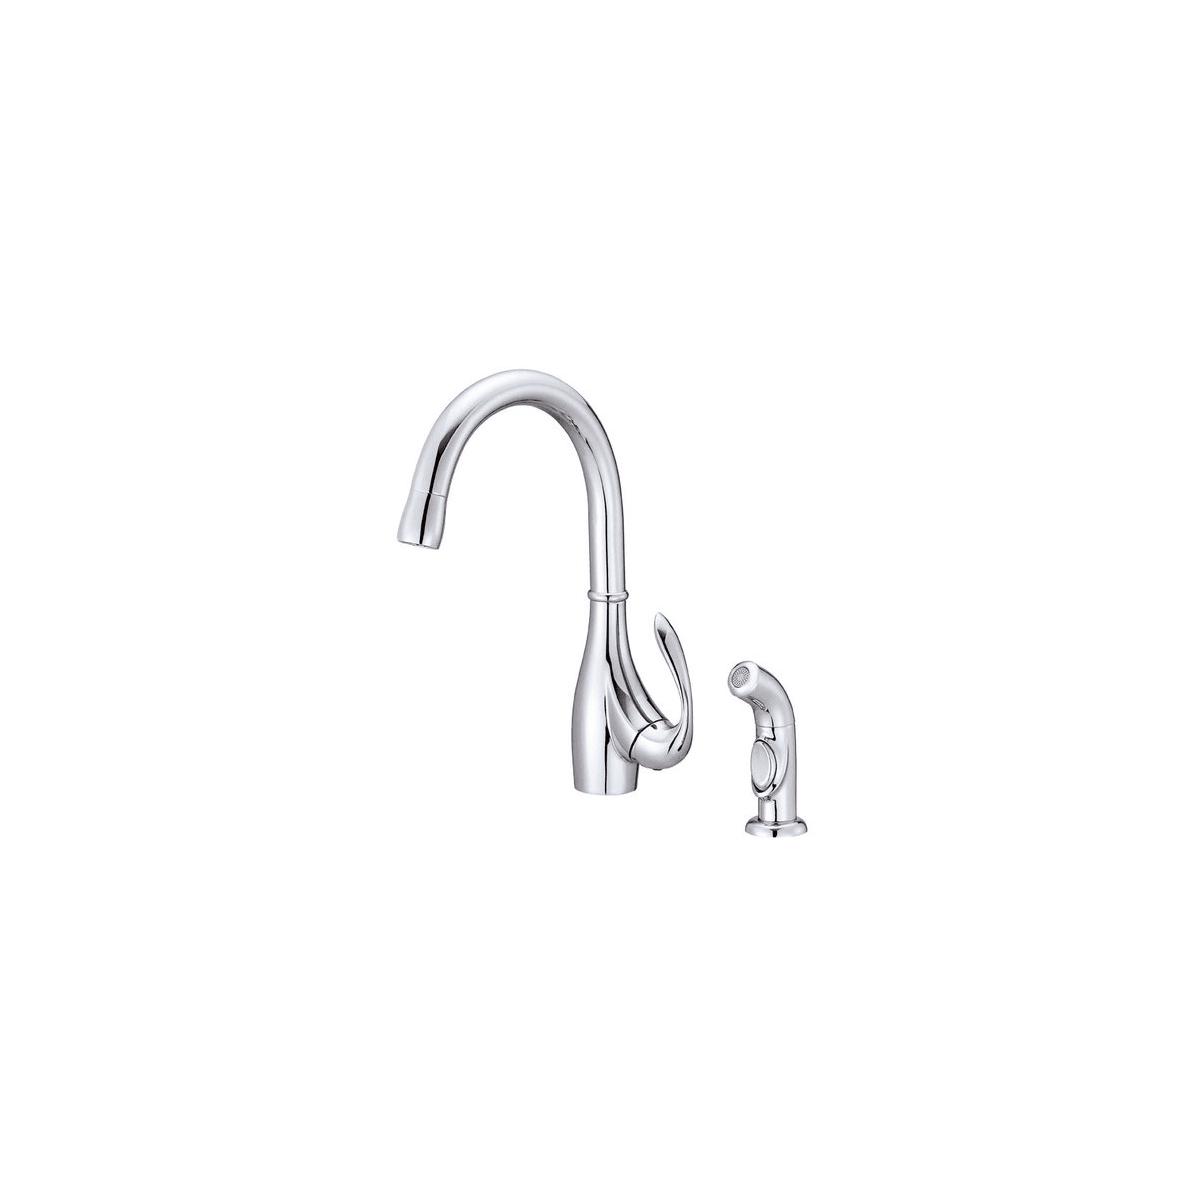 Danze D401546 Chrome Kitchen Faucet Includes Side Spray